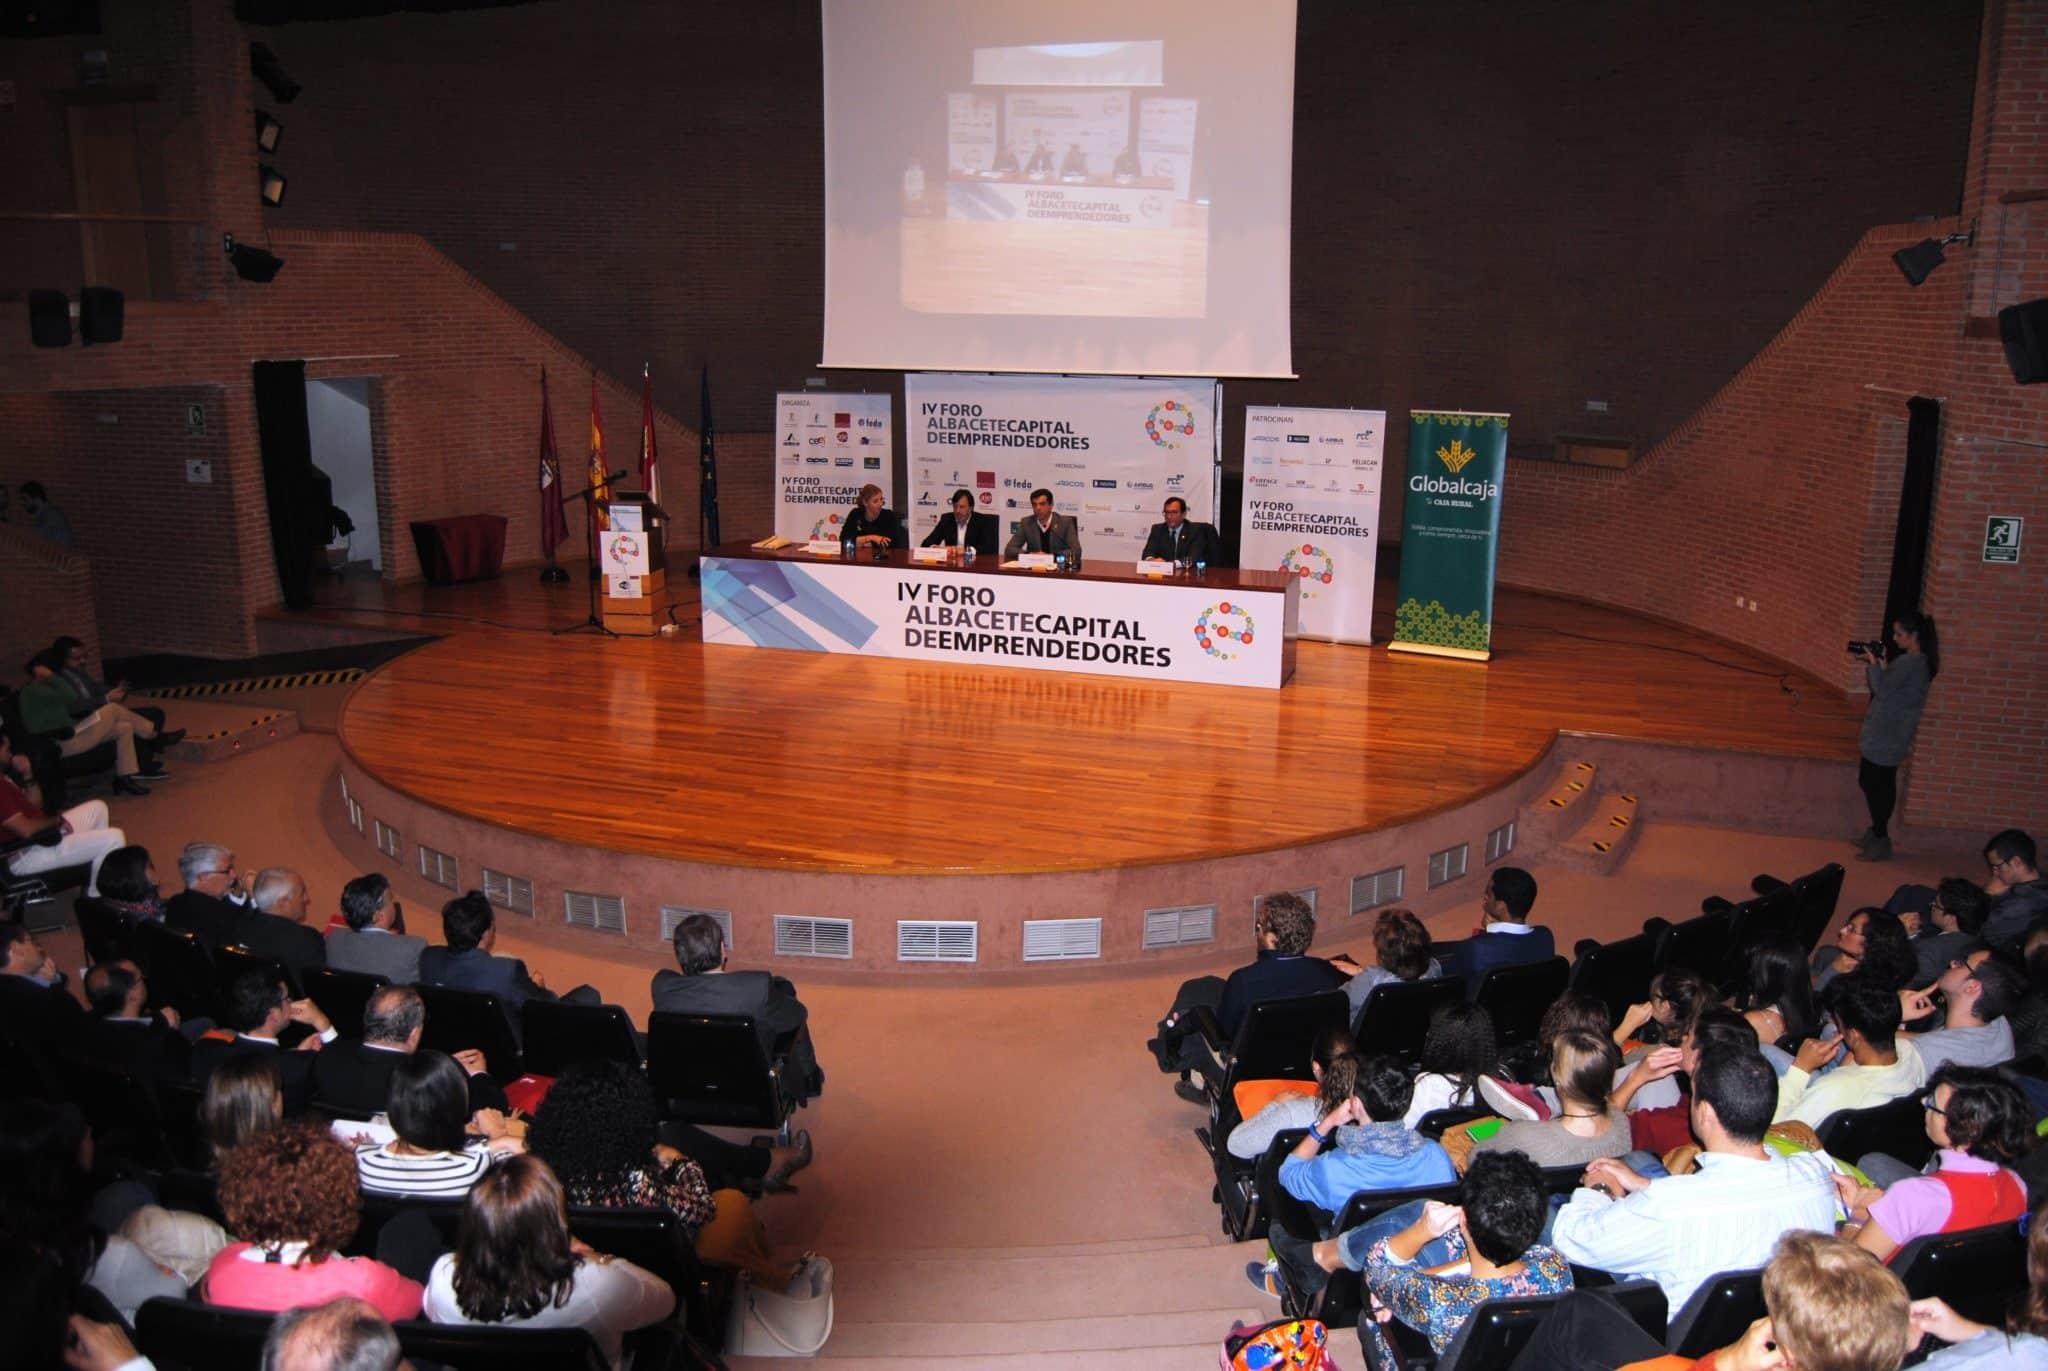 Inauguracion IV Foro 'Albacete, capital de emprendedores'.5-11-15